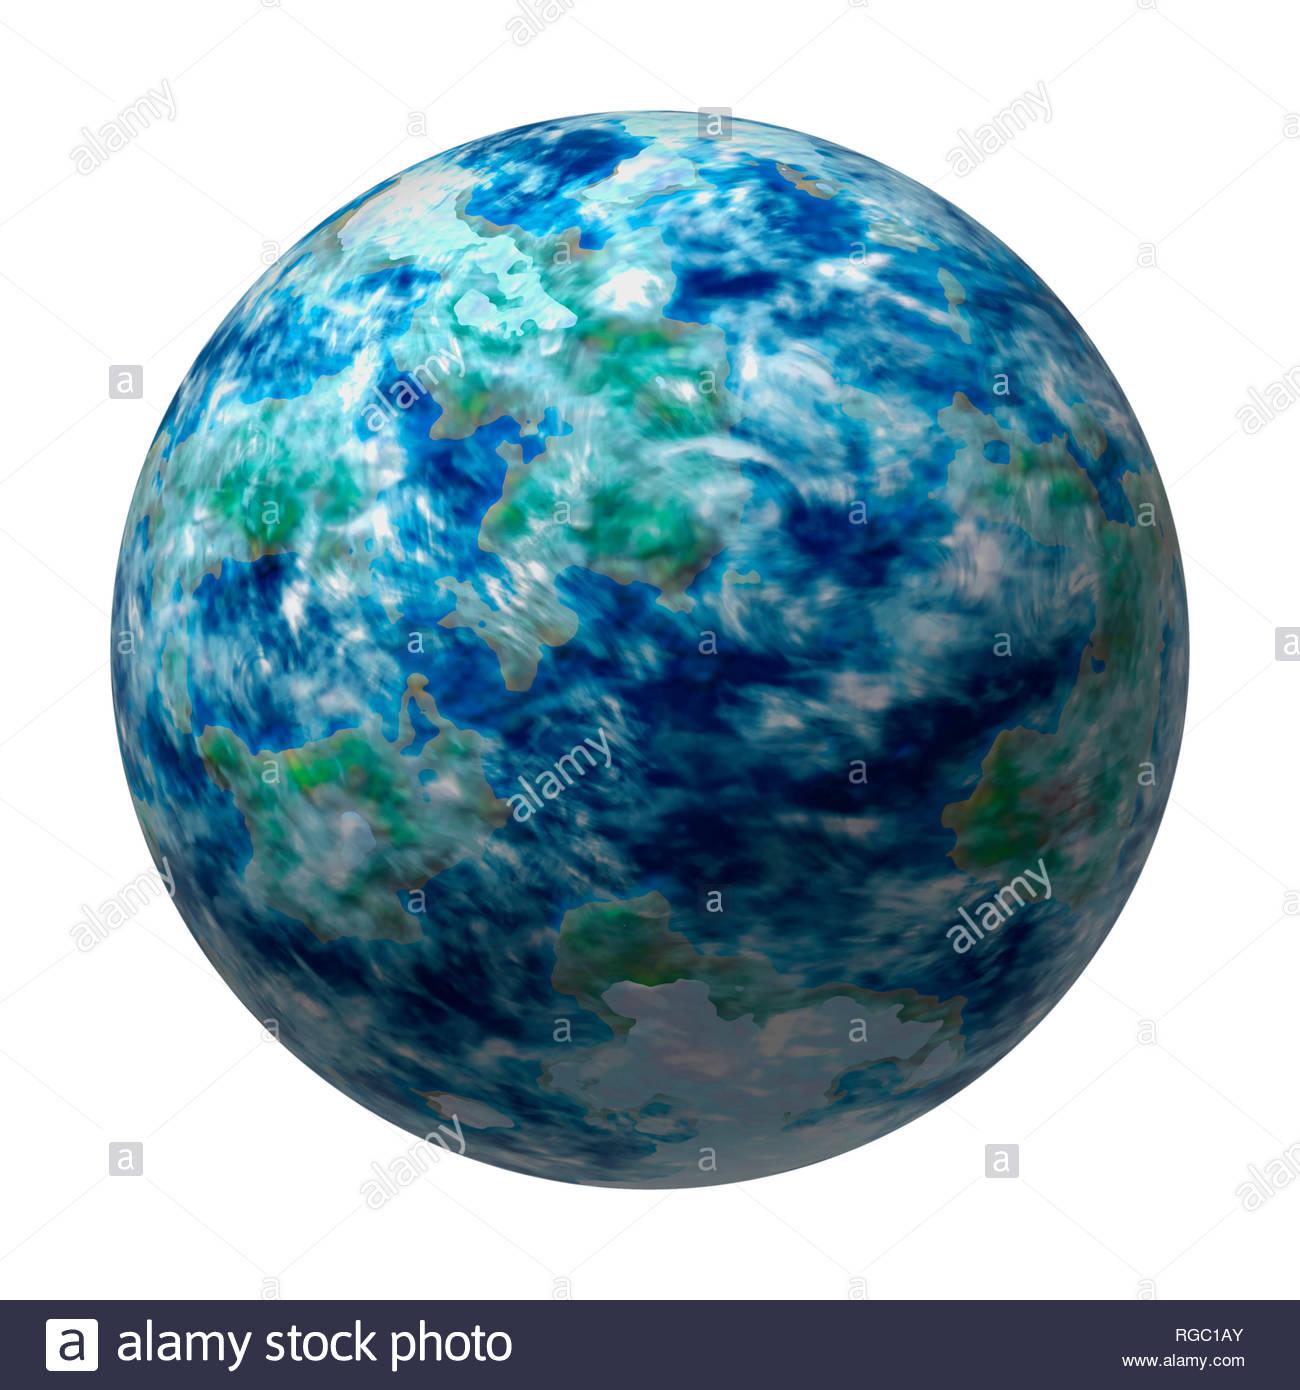 Generic terra come pianeta terrestre con atmosfera ma non la messa a terra Immagini Stock